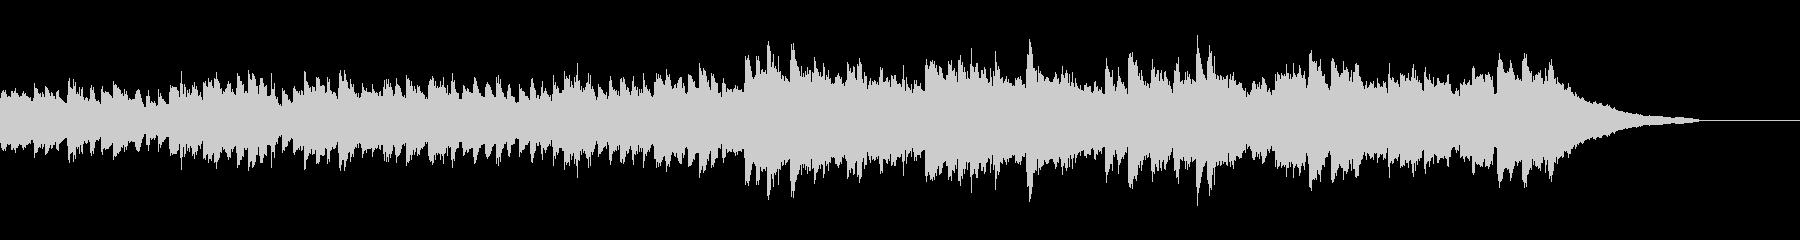 ピアノとチェロのバラードの未再生の波形